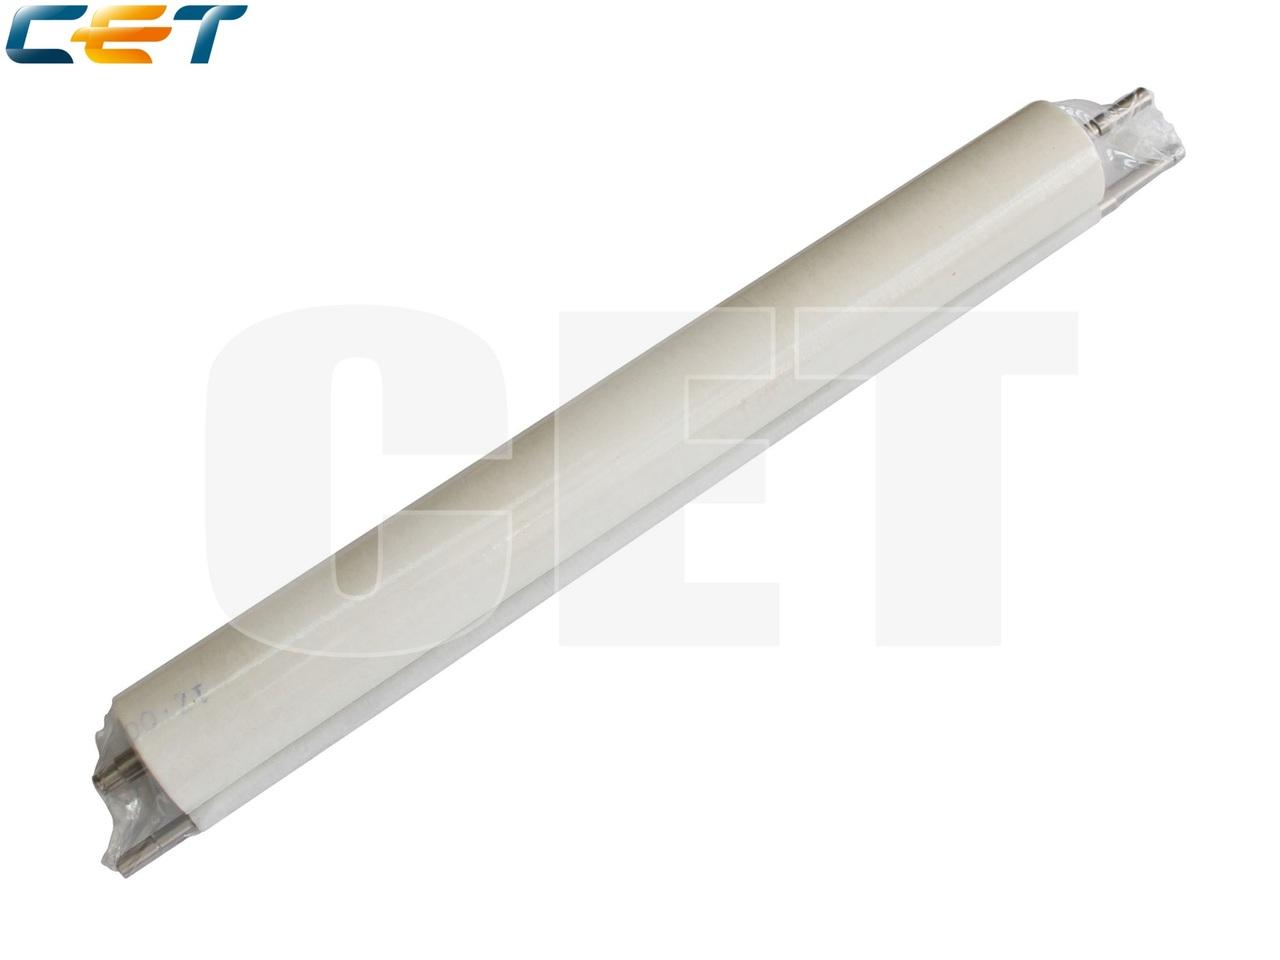 Чистящая лента фьюзера AE04-5099 для RICOH AficioMP4000/MP5000/MP4000B/MP5000B (CET), CET6867